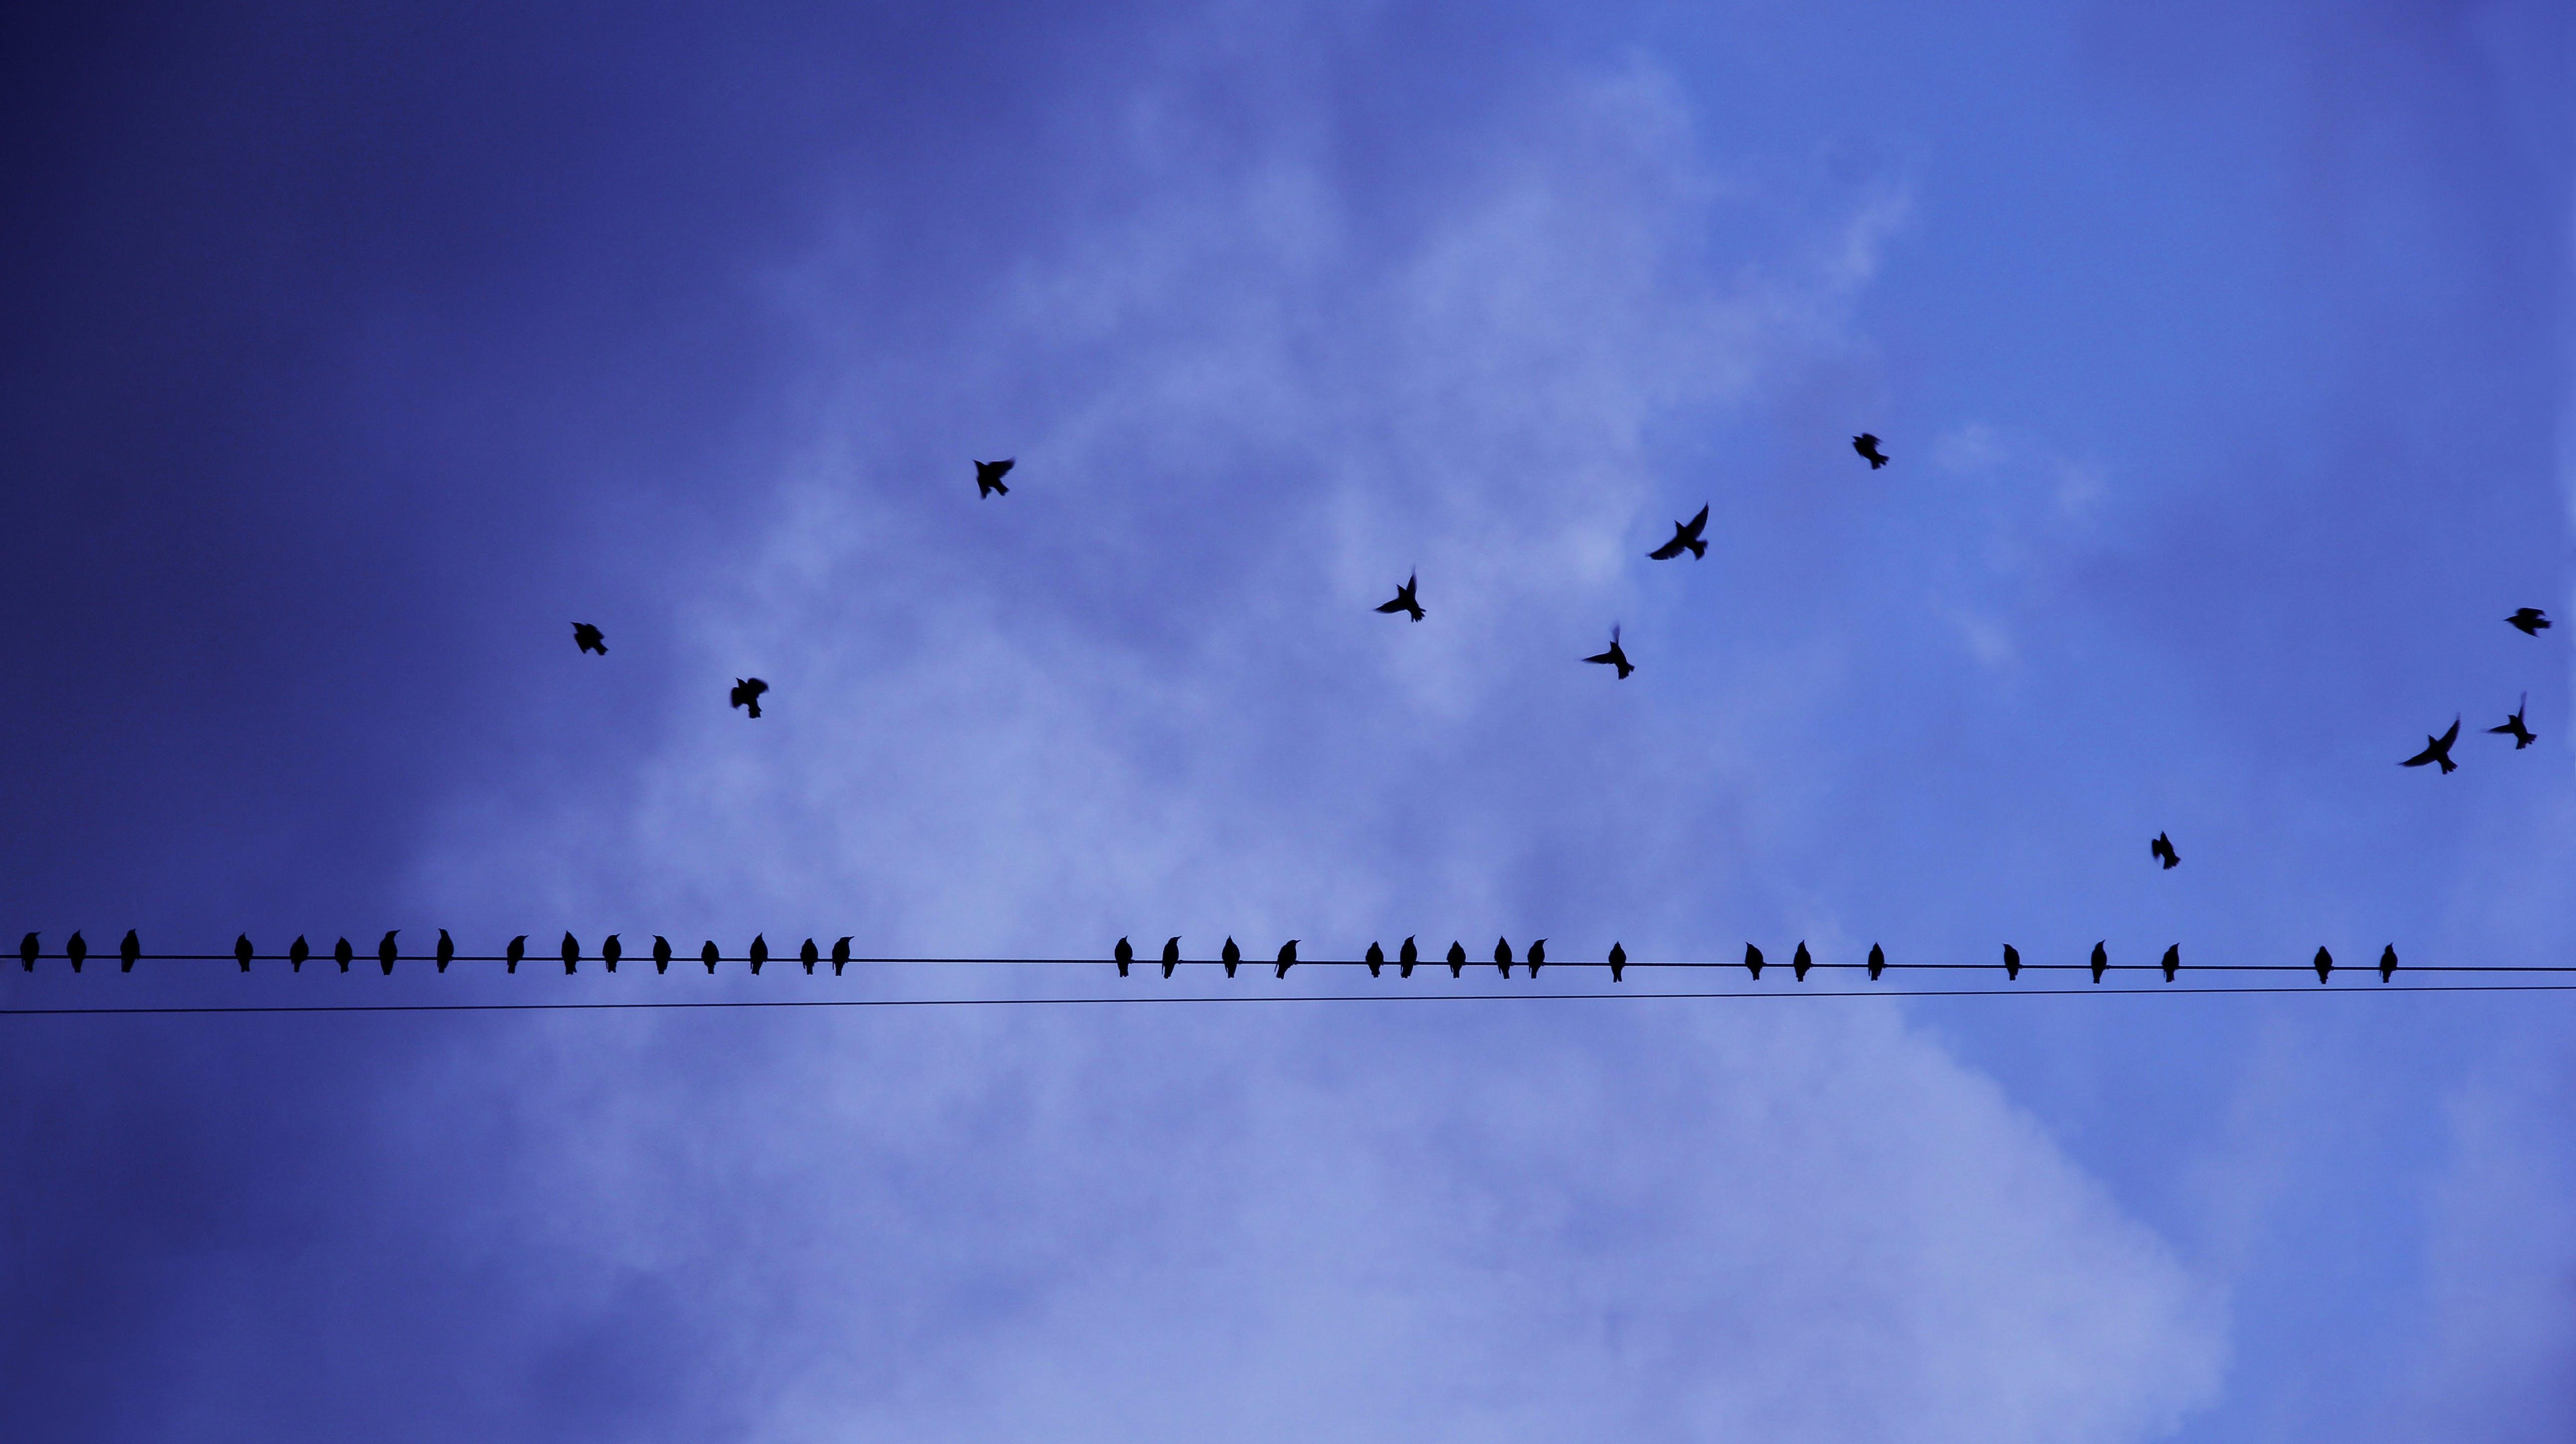 bulutlar, dar açılı çekim, elektrik telleri, gökyüzü içeren Ücretsiz stok fotoğraf